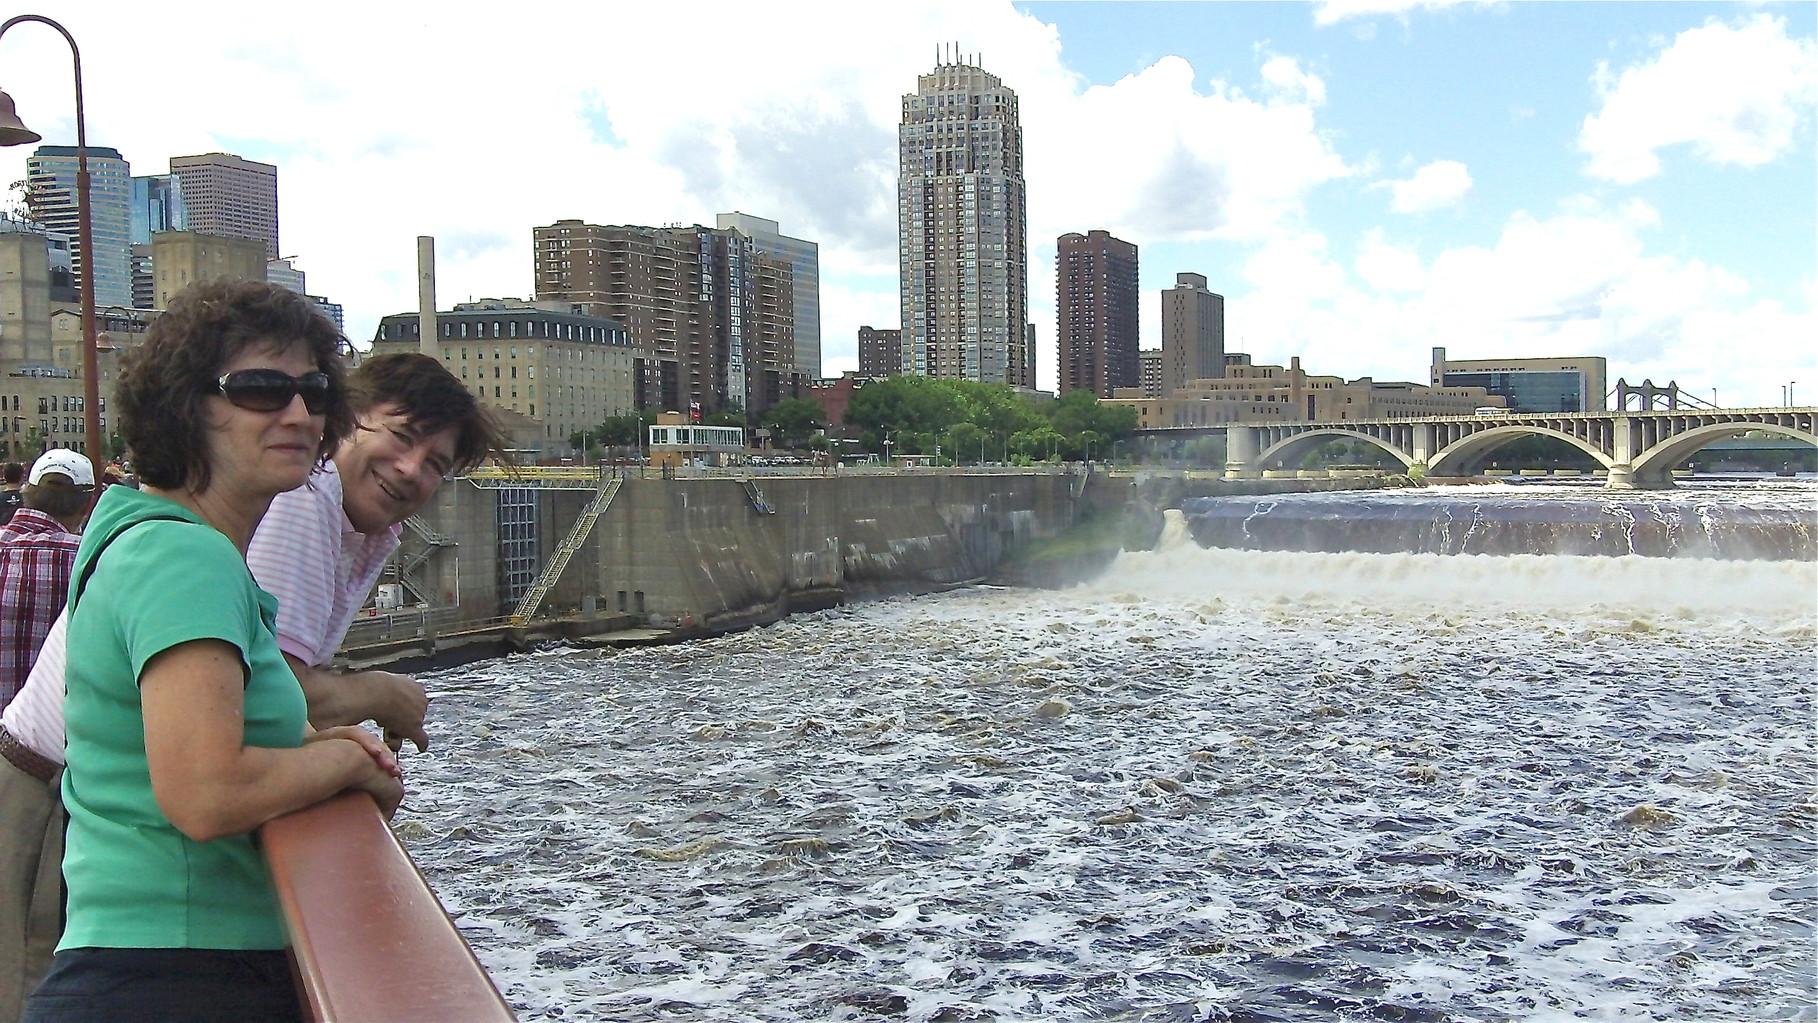 St. Anthony's Falls, Ann & John